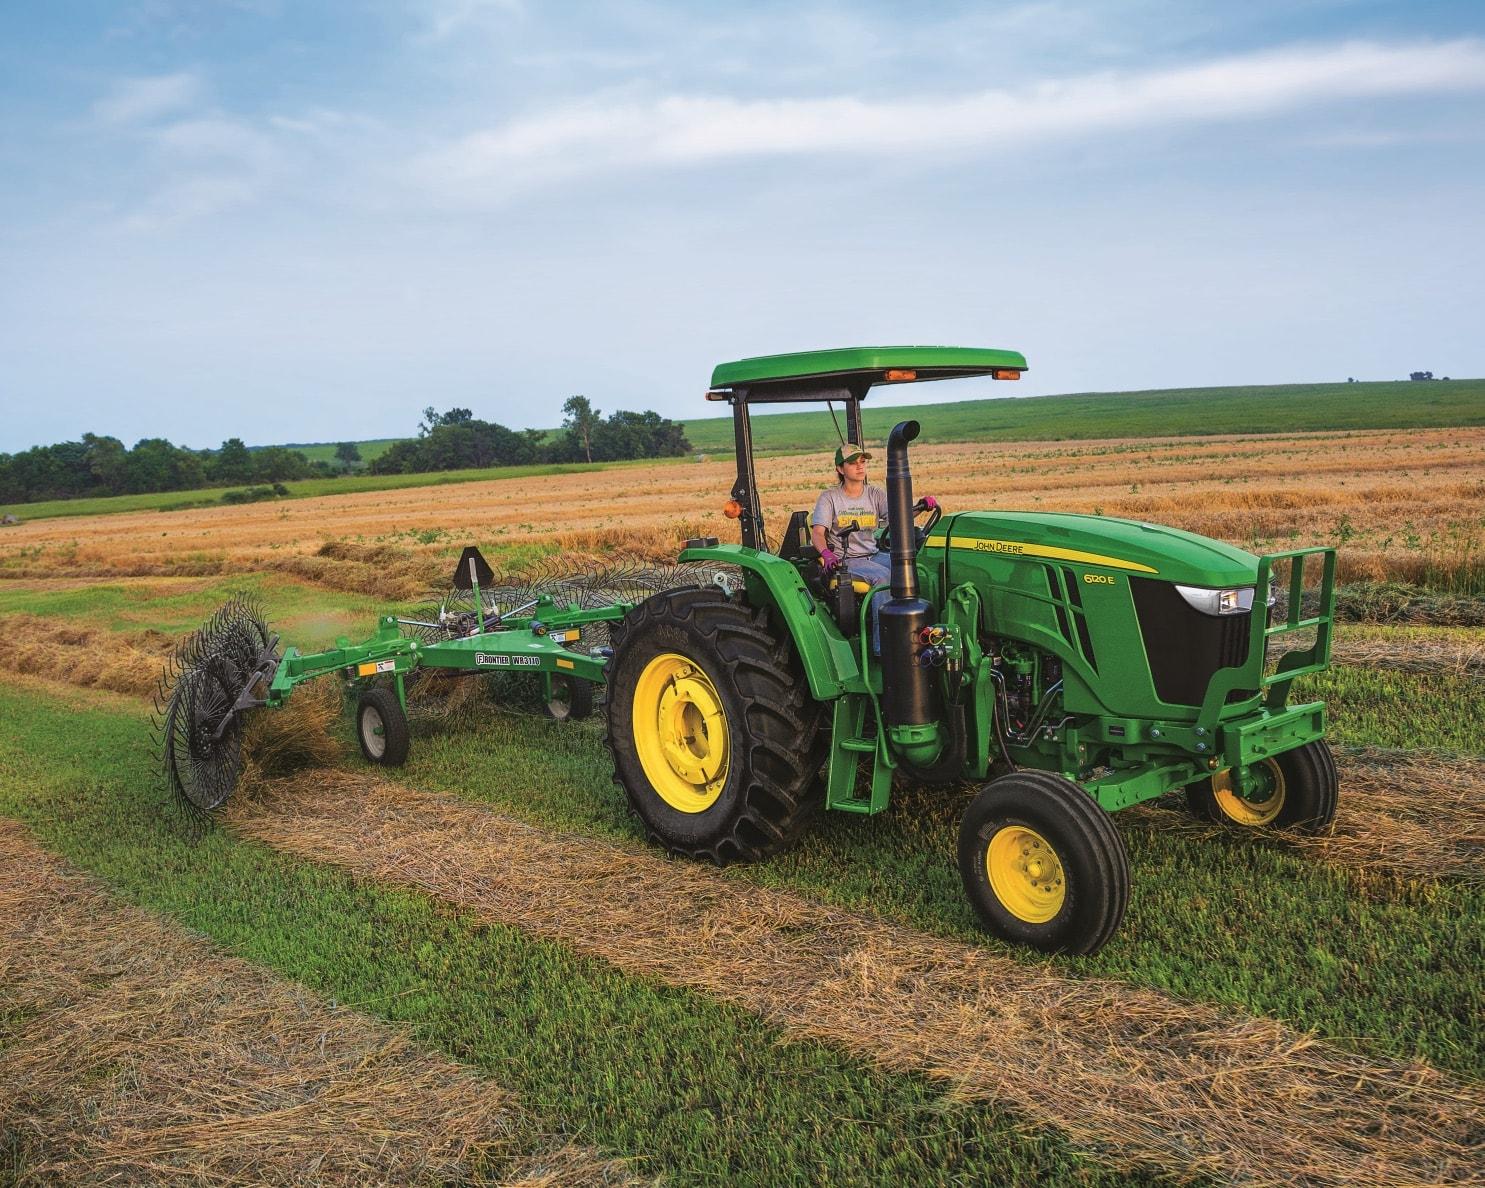 6E Series Utility Tractors